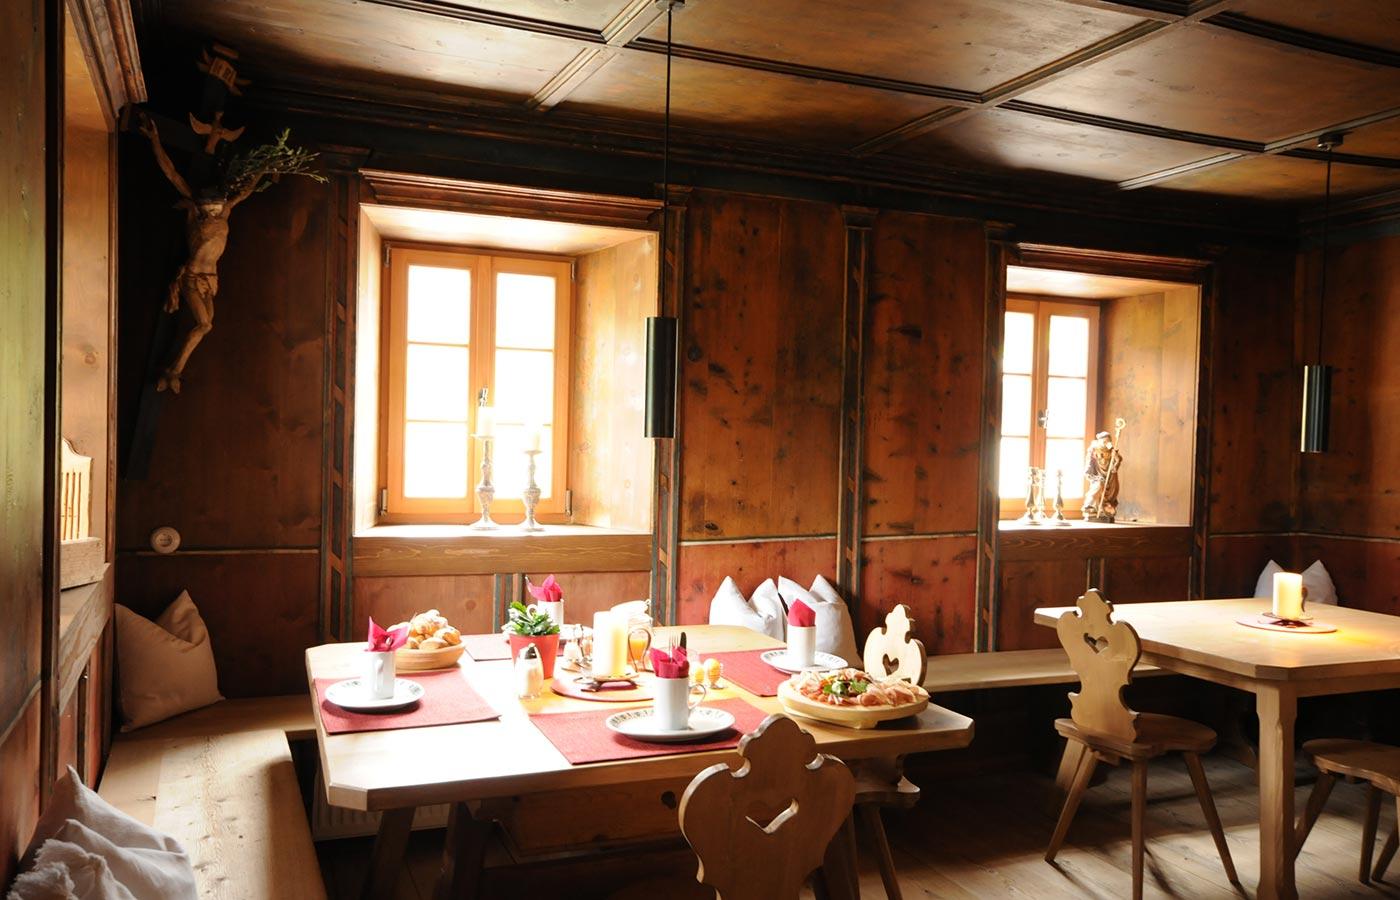 urlaub-zimmer-frühstück-bauernhof-prags-pustertal-vacanza-maso-braies-val-pusteria-rooms-breakfast-farm-holidays-slider-unten